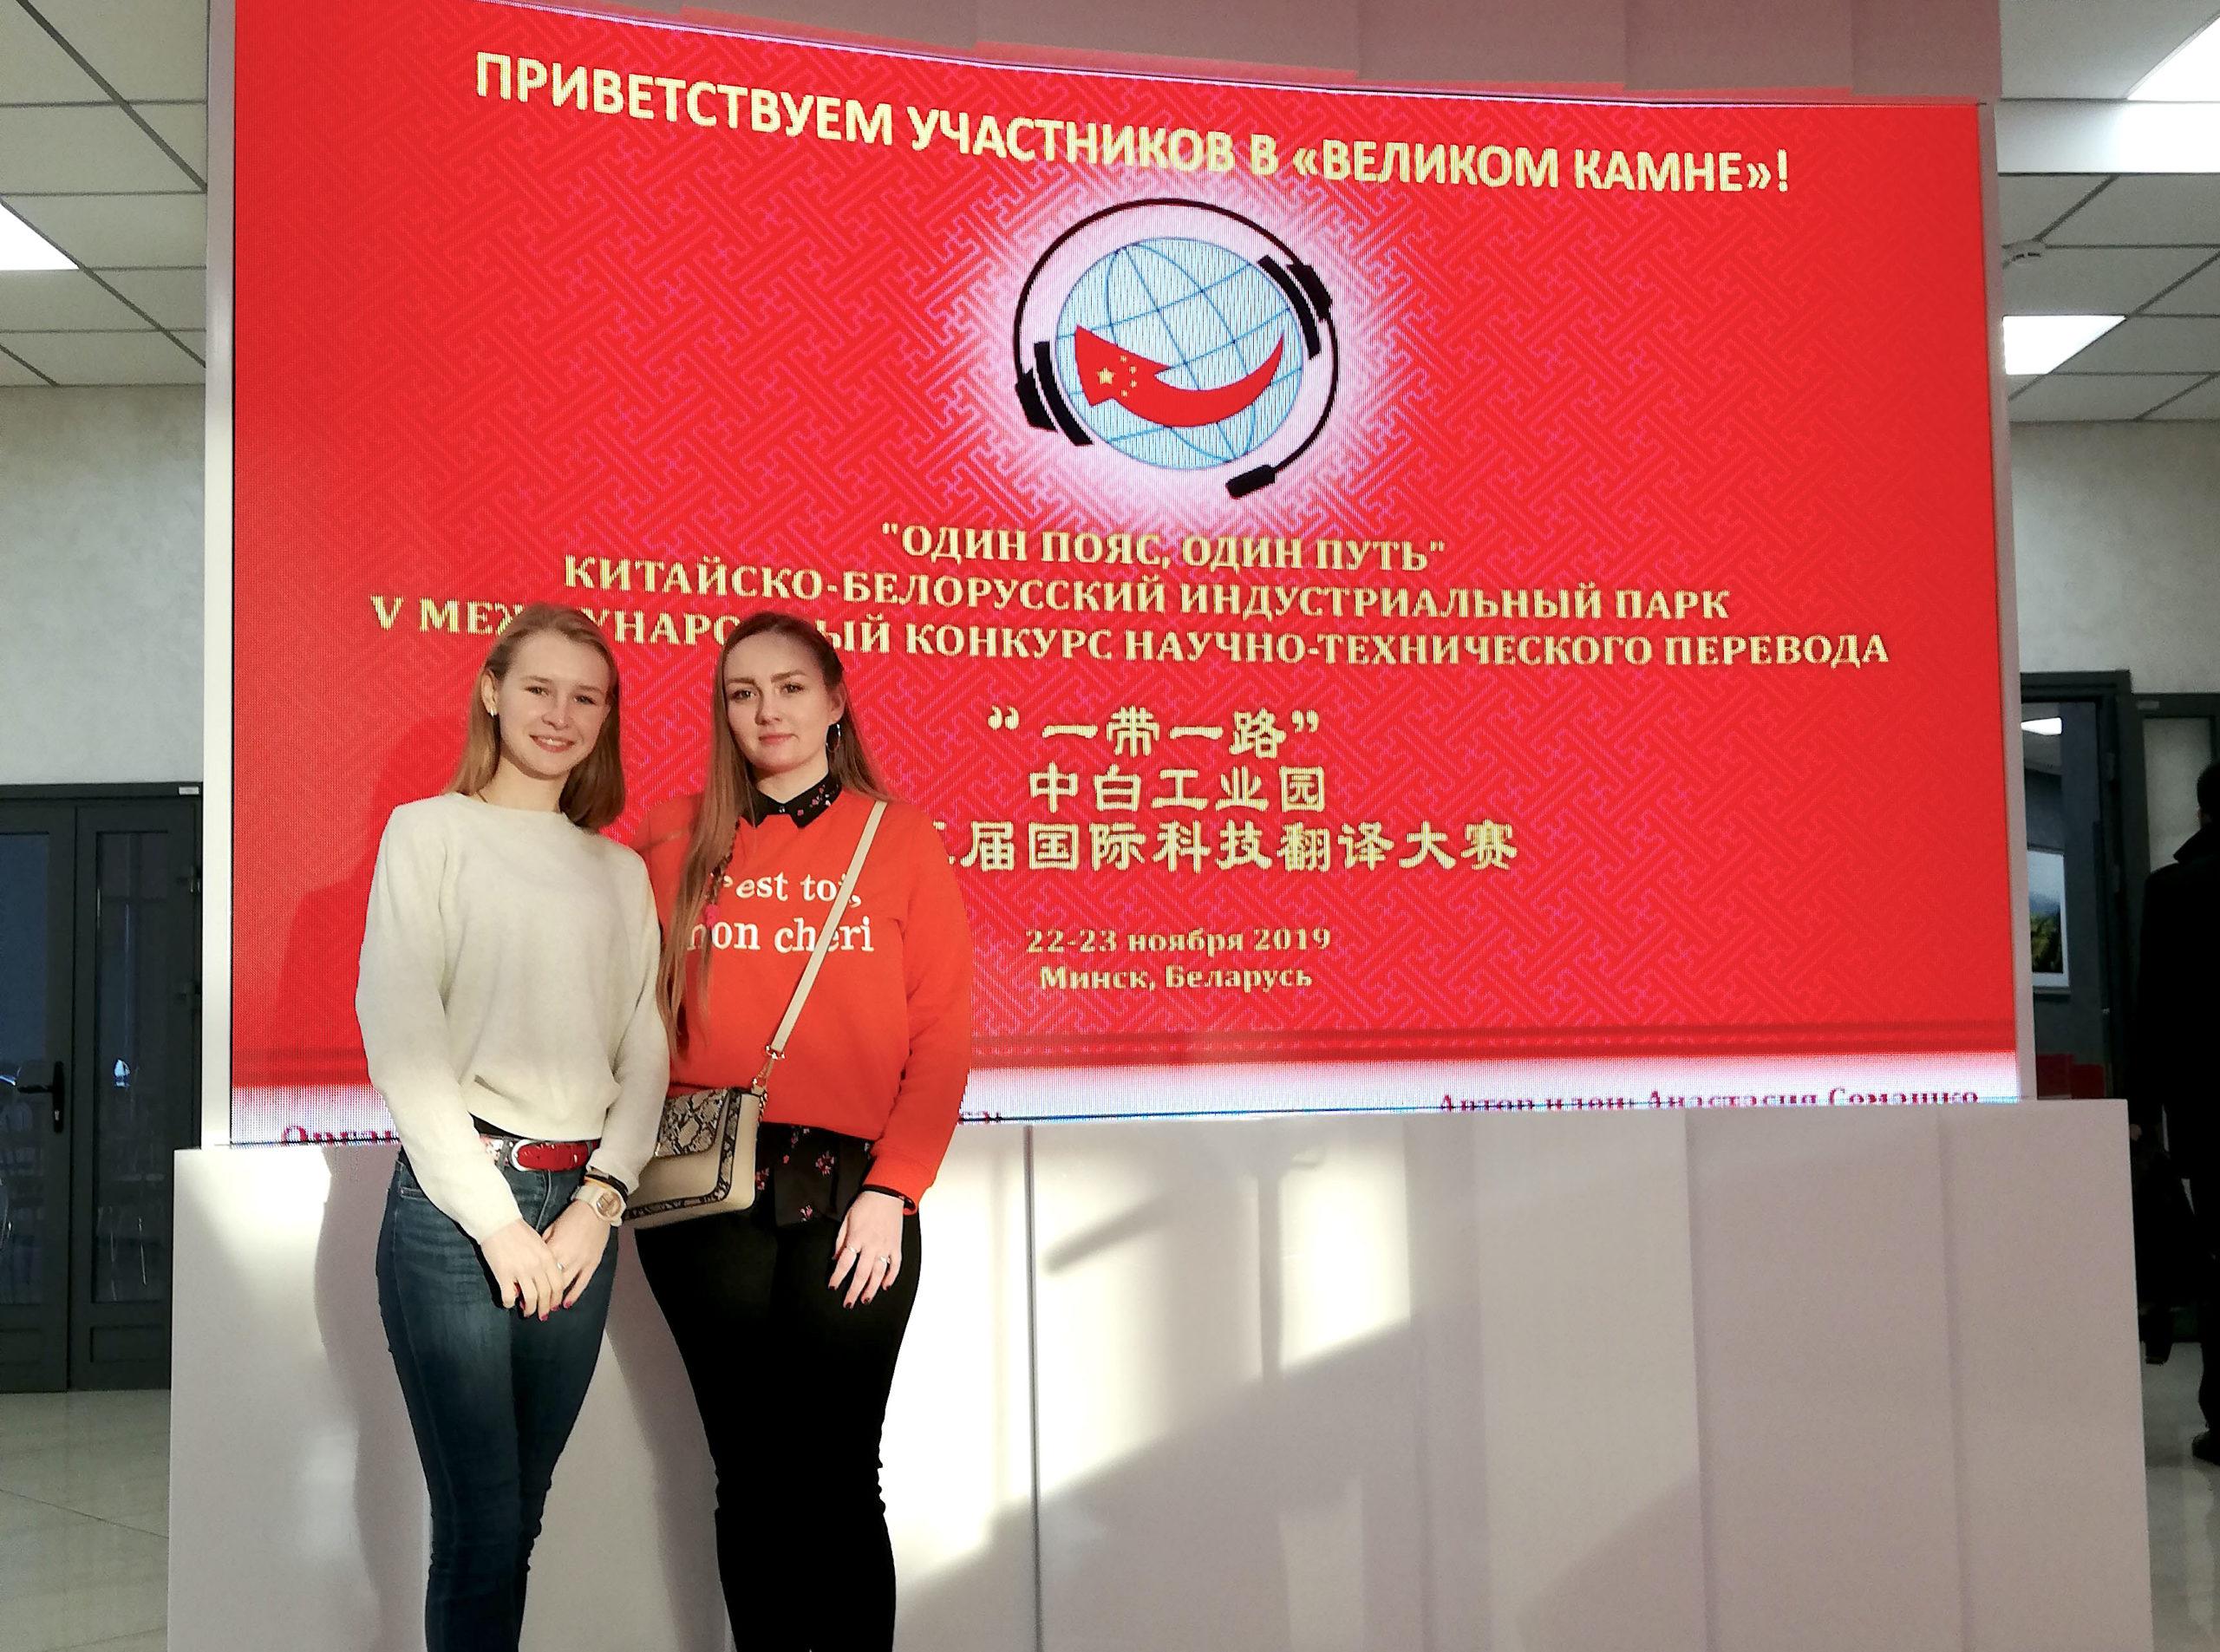 Конкурс научно-технического перевода (китайский язык)